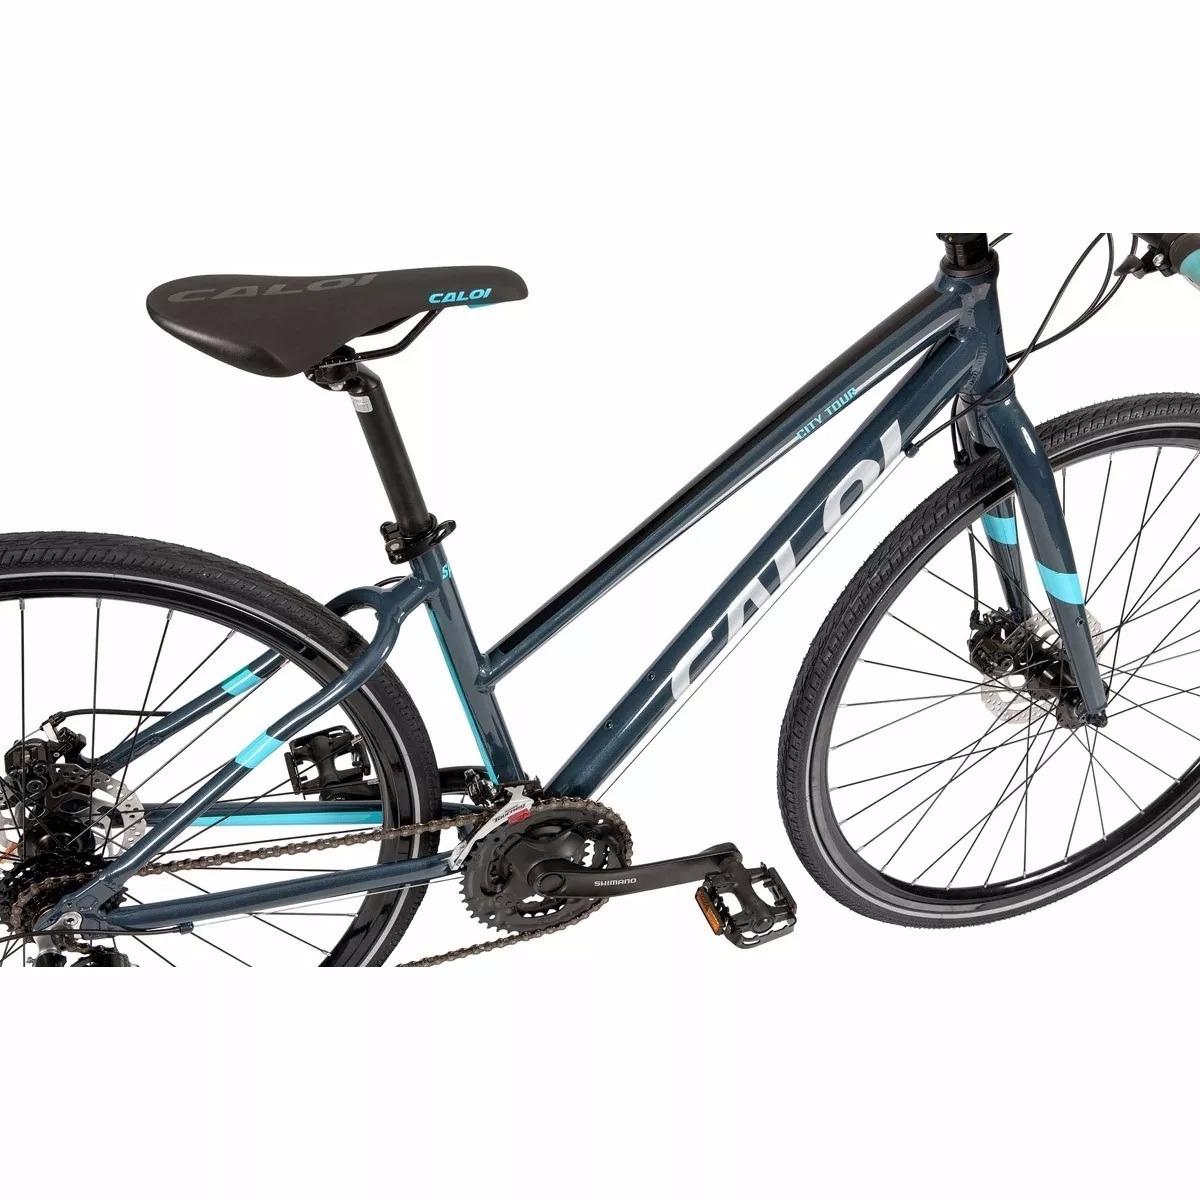 770d6a25c bicicleta feminina caloi city tour sport 2018 - tam  m. Carregando zoom.